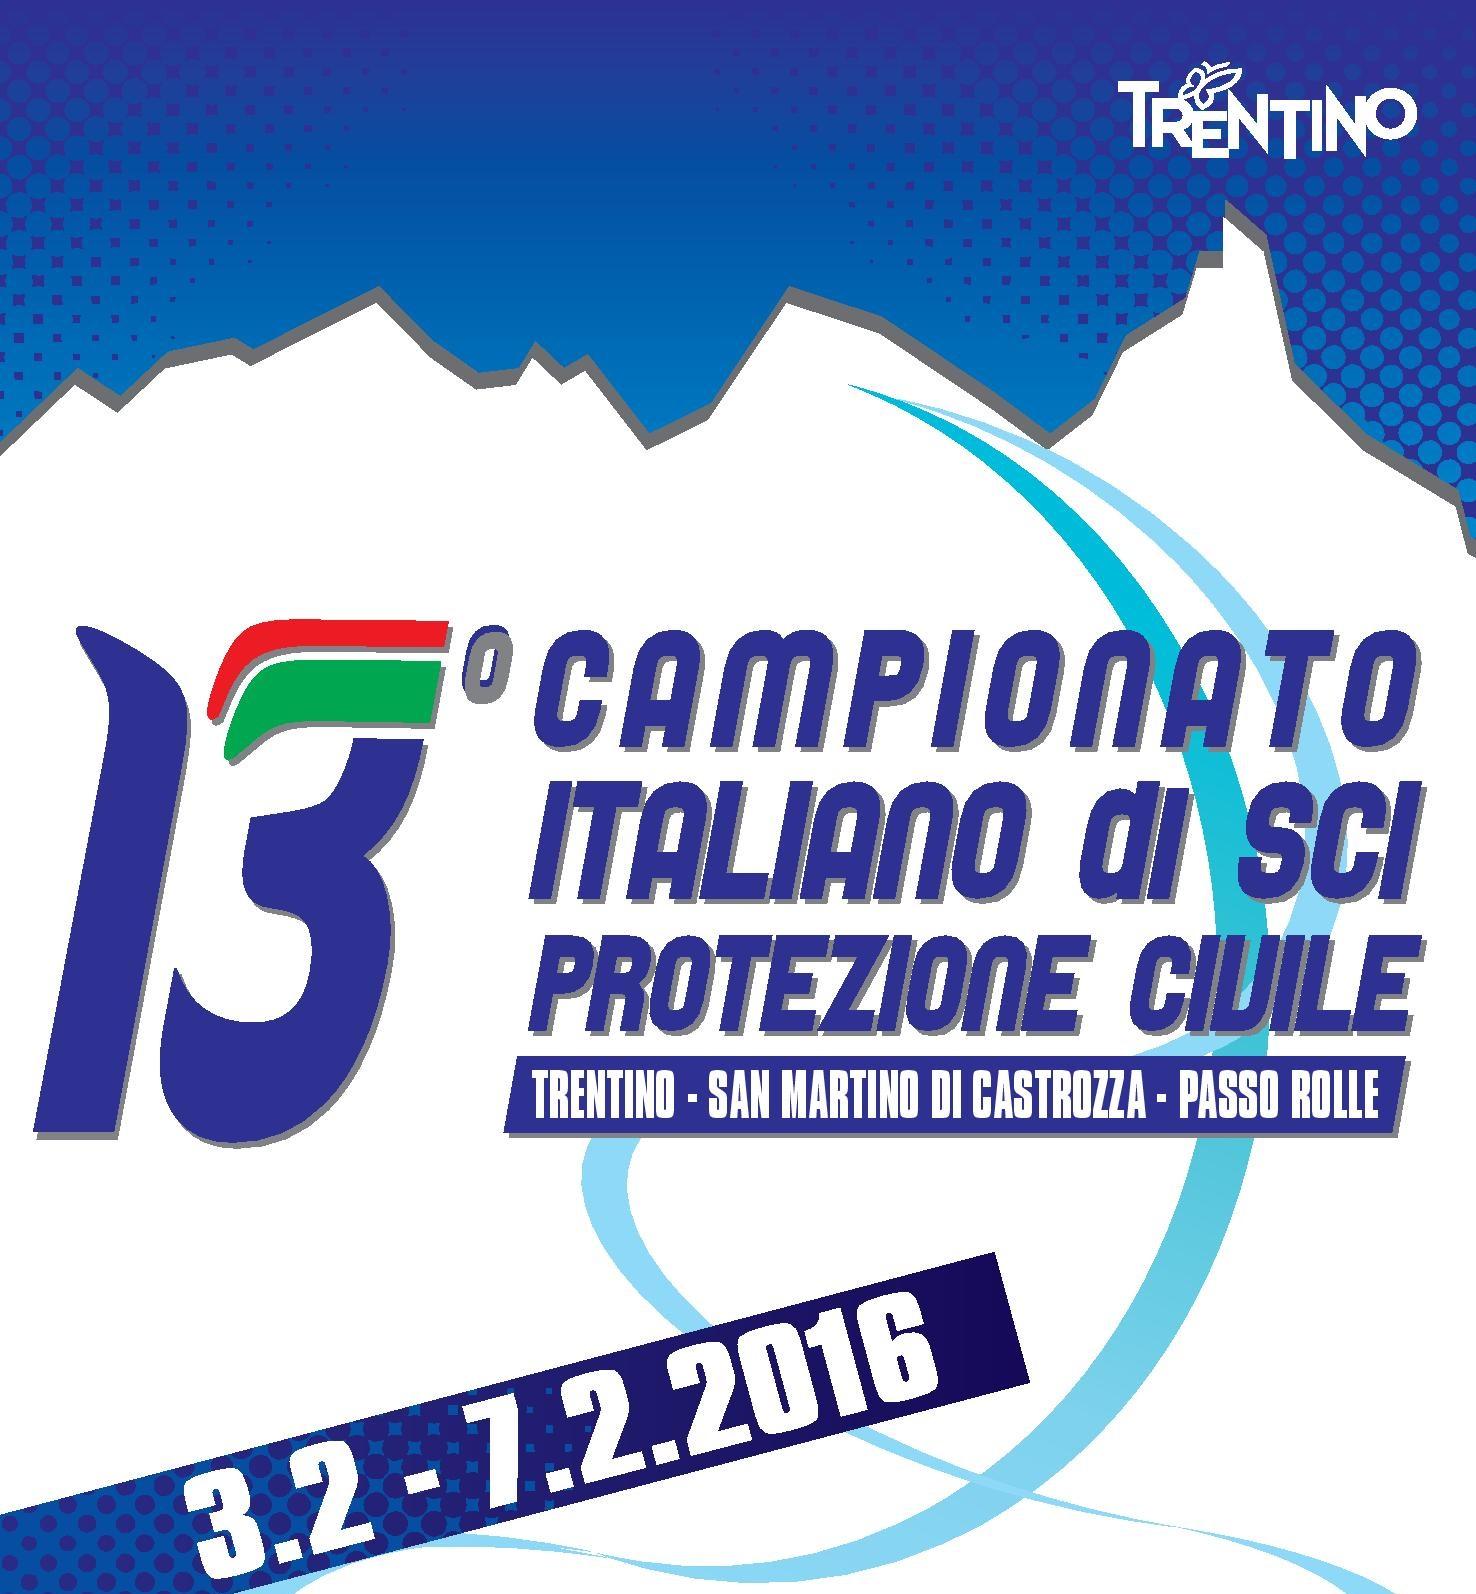 Campionato di Sci della Protezione Civile